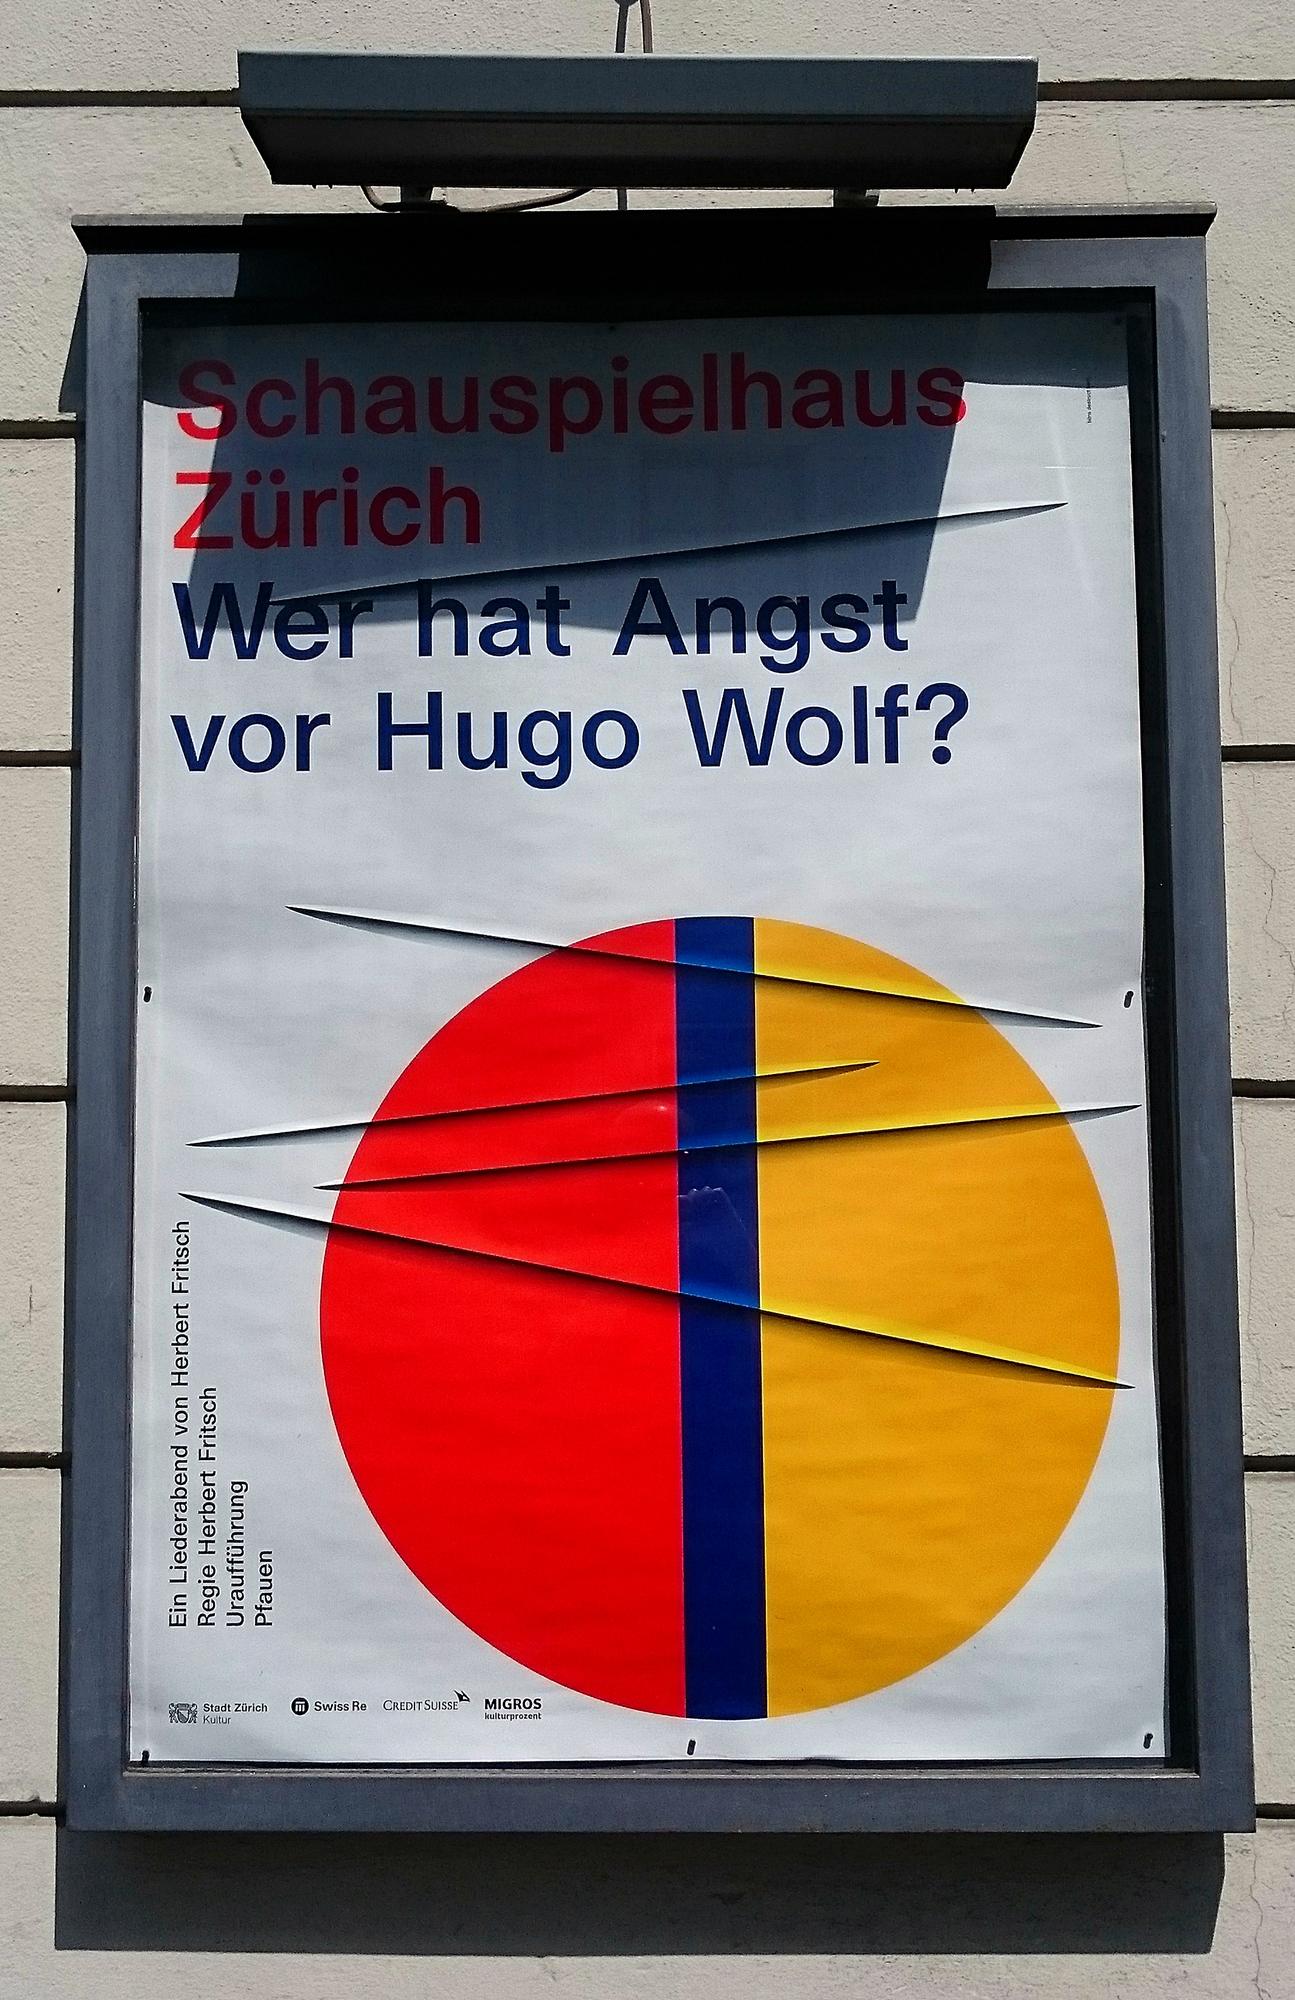 Wer hat Angst vor Hugo Wolf_Schauspielhaus Zürich_Schaukasten